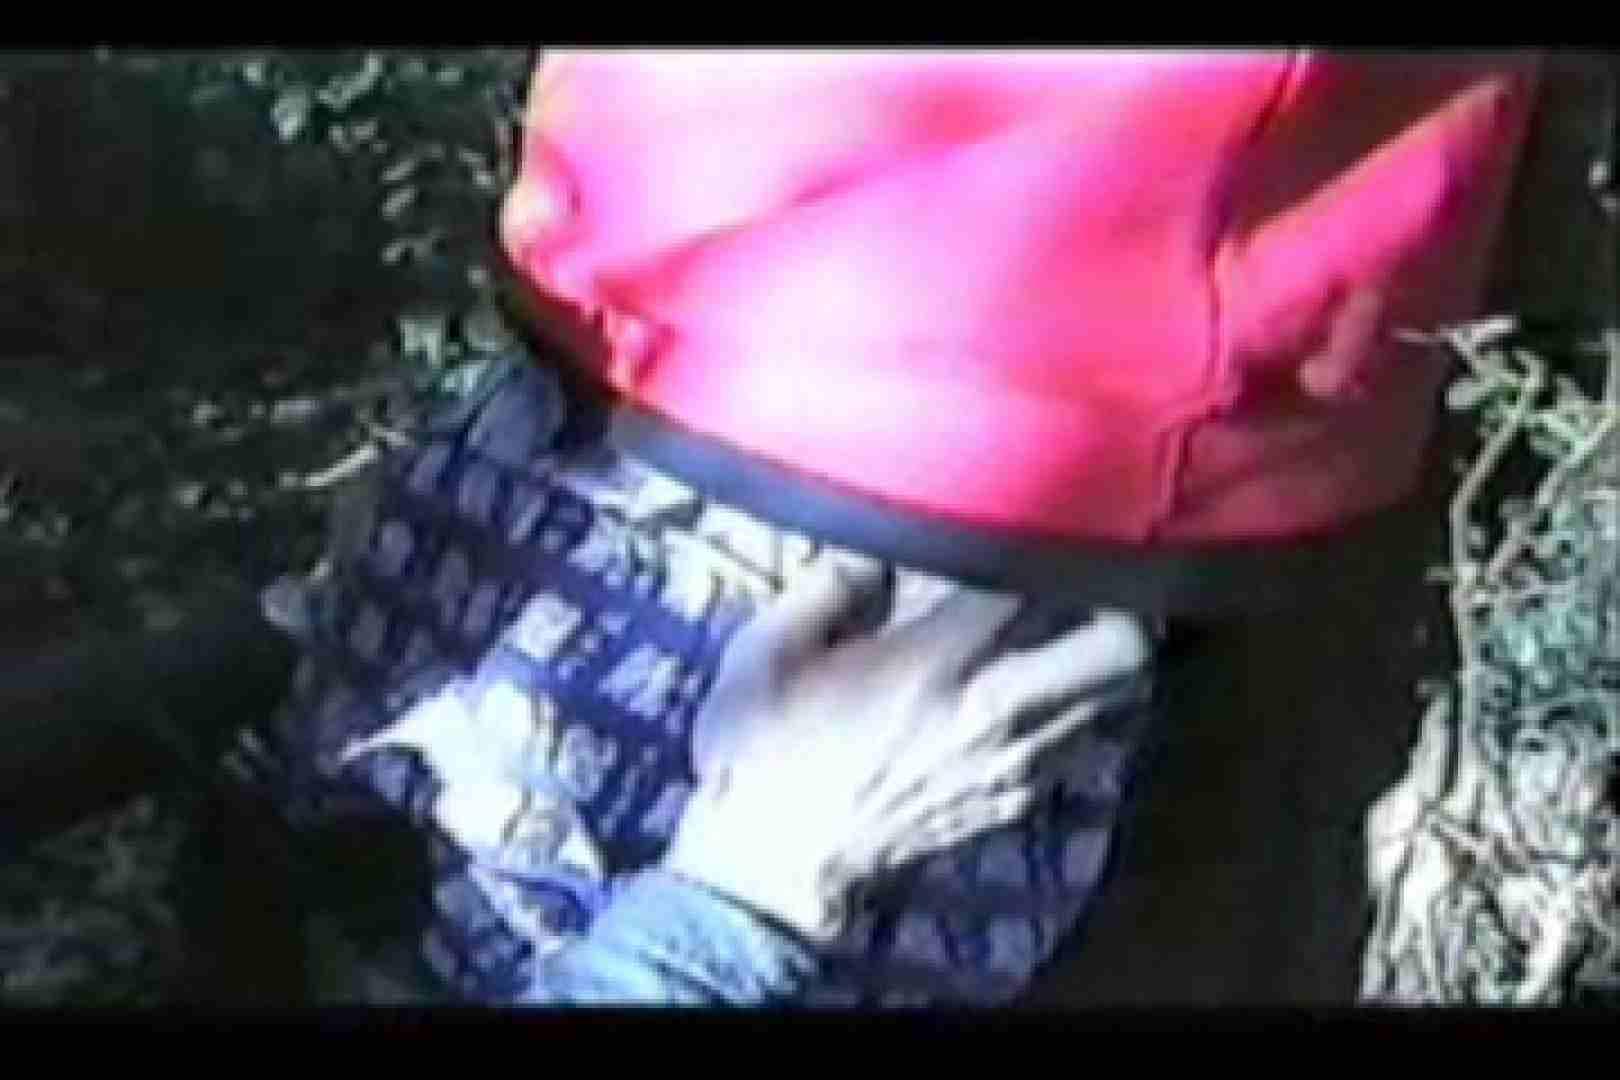 オールドゲイシリーズ  美少年ひかるのオープンファック イケメン  106pic 87